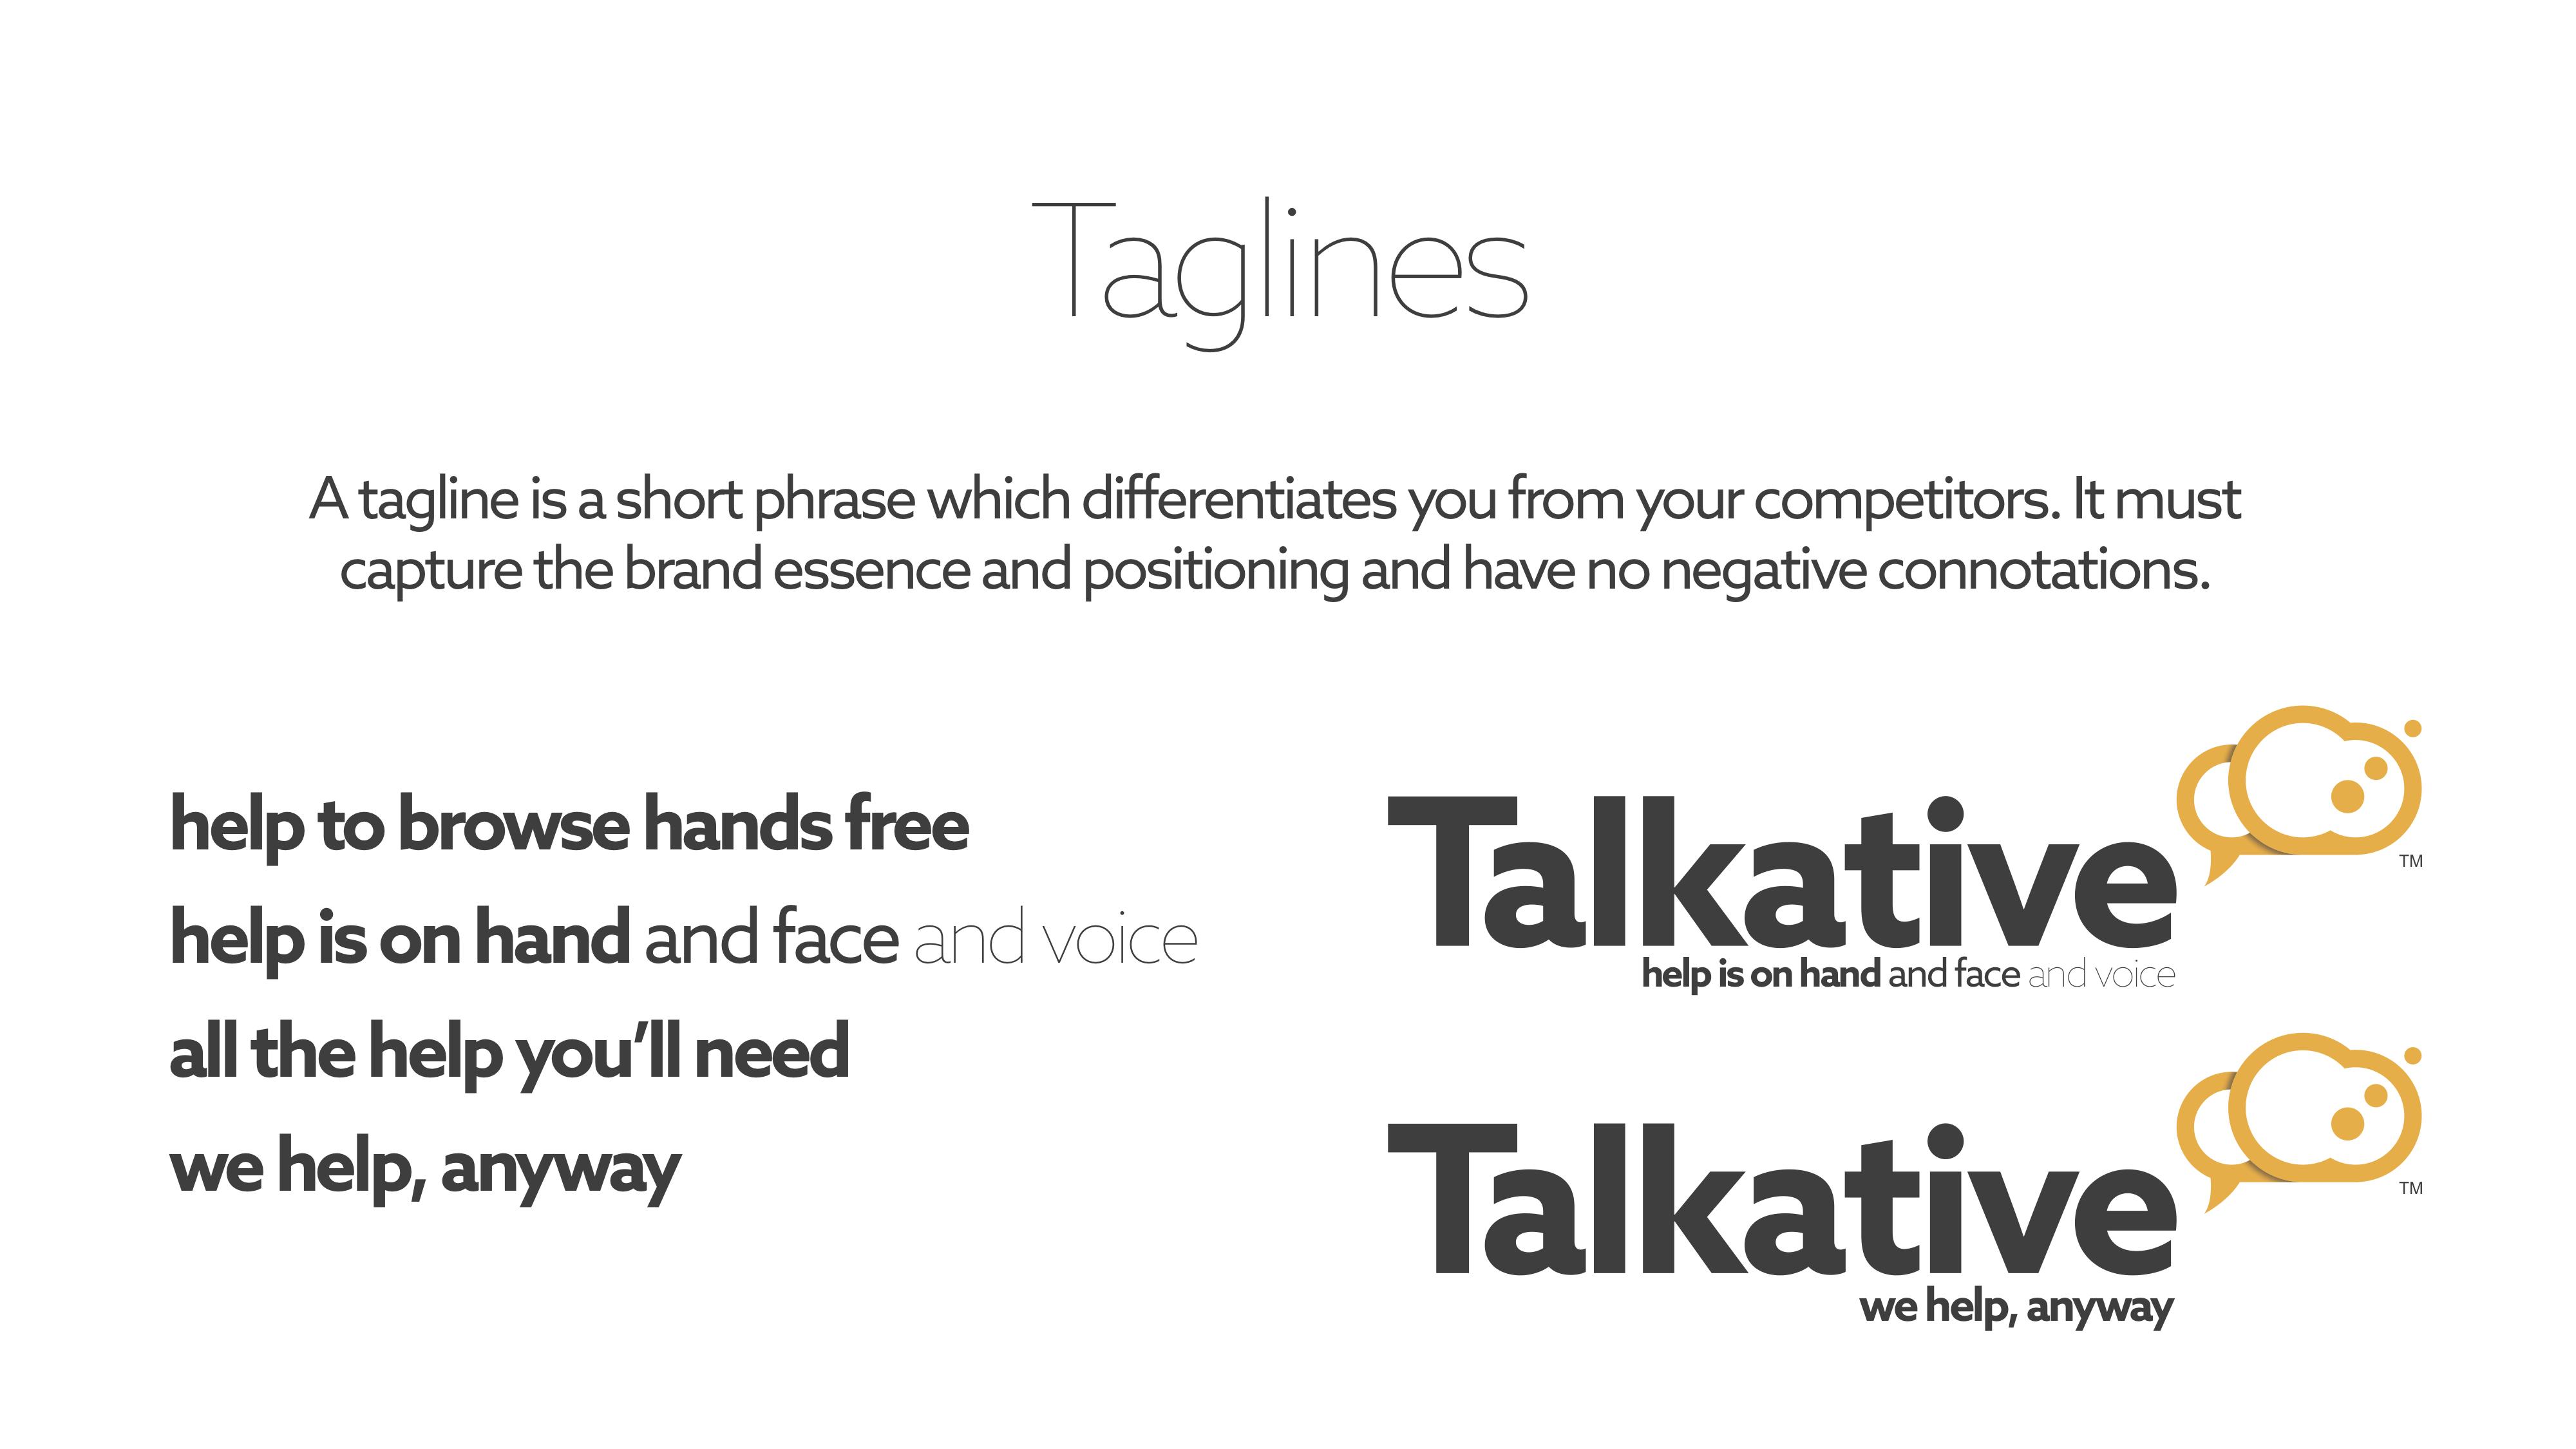 Talkative taglines